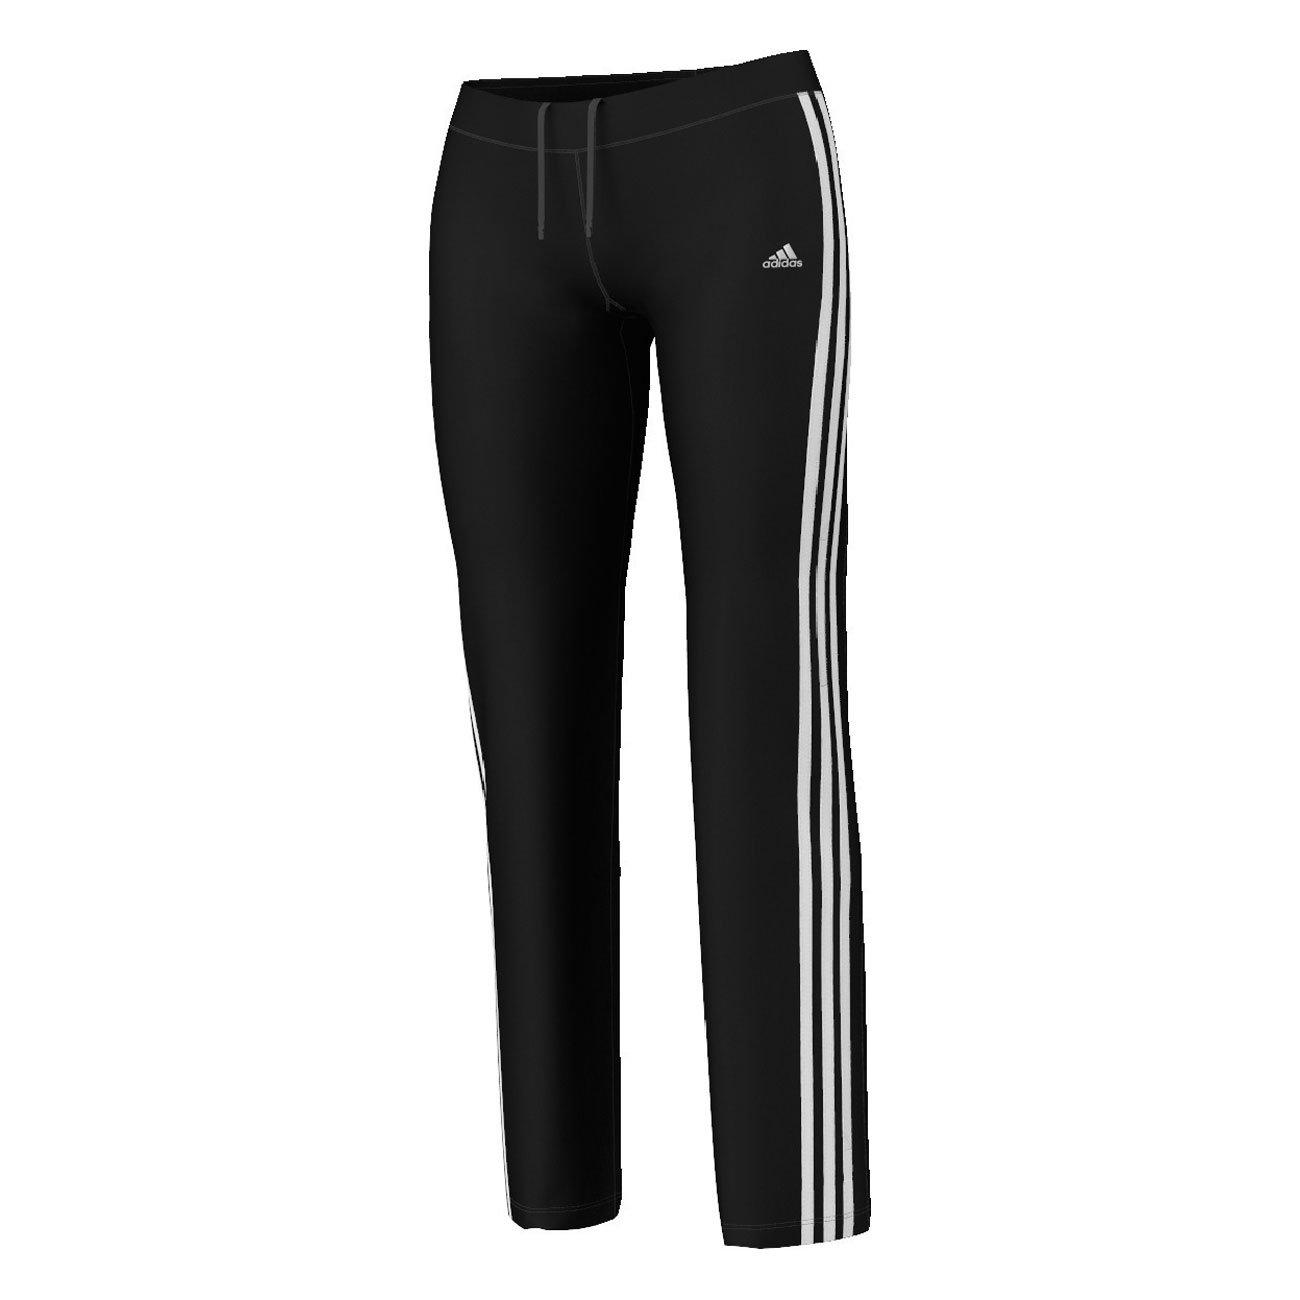 Femme Droit Core Pour Pantalon 3s De Sport Adidas Training Climacool rdxstQhC